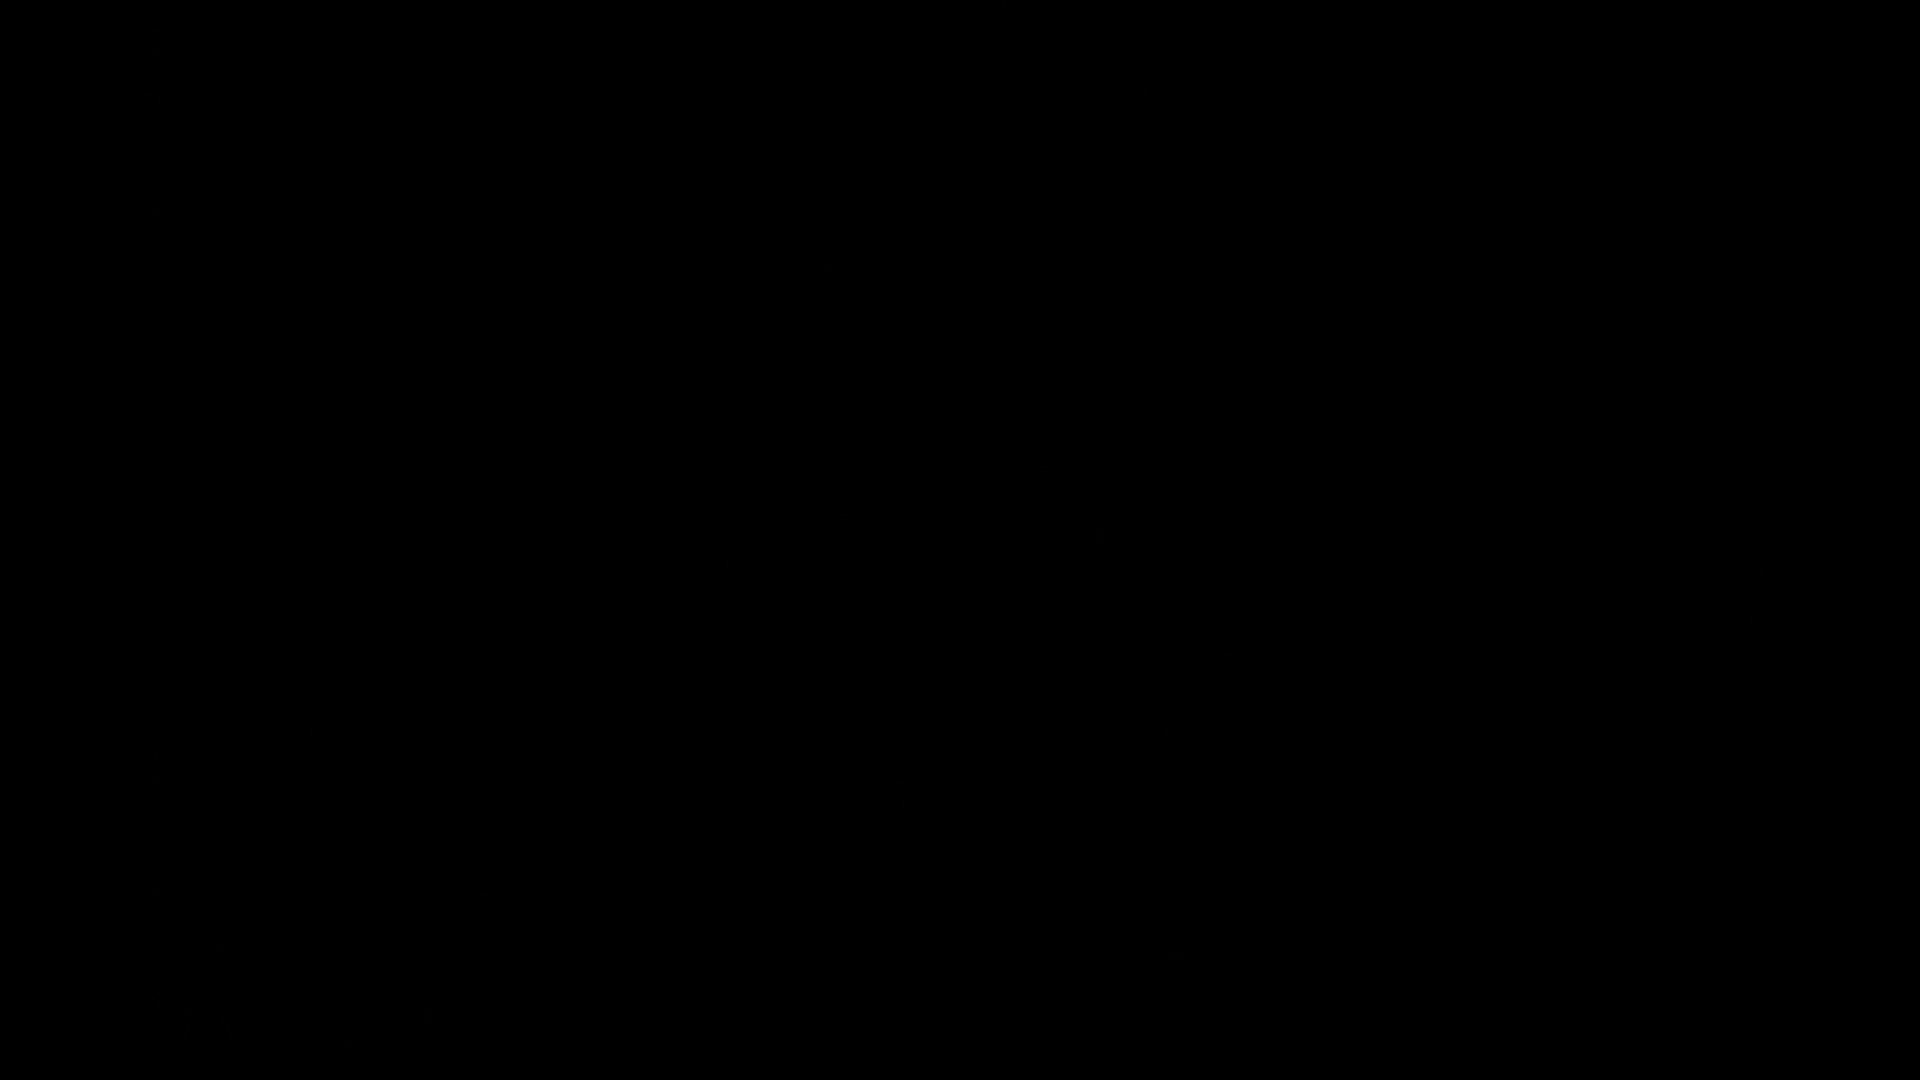 お漏らし寸前デパトイレ盗撮!Vol.06 トイレ 盗撮 106PIX 75